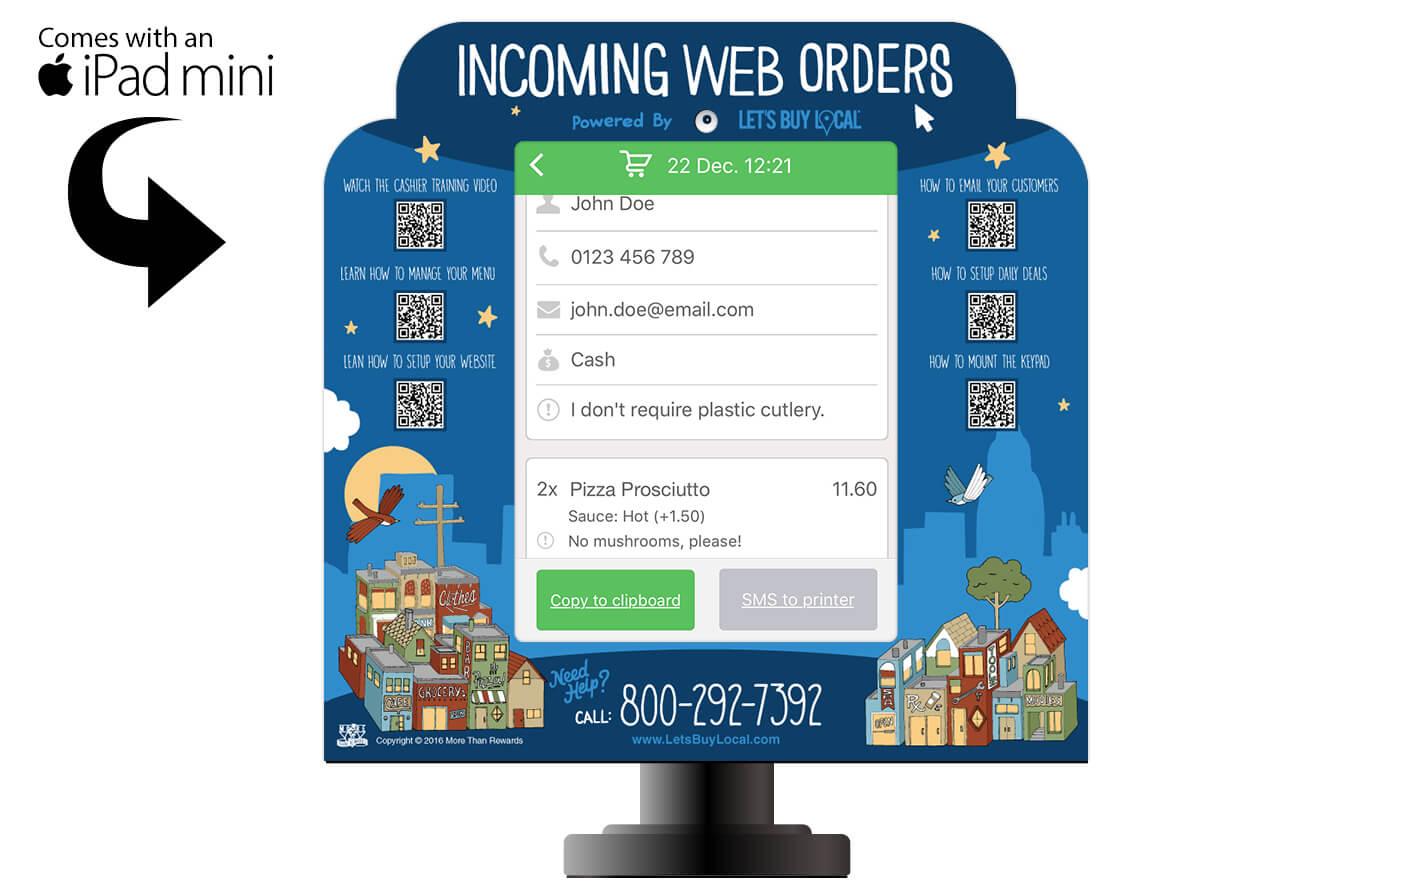 Full Order Info